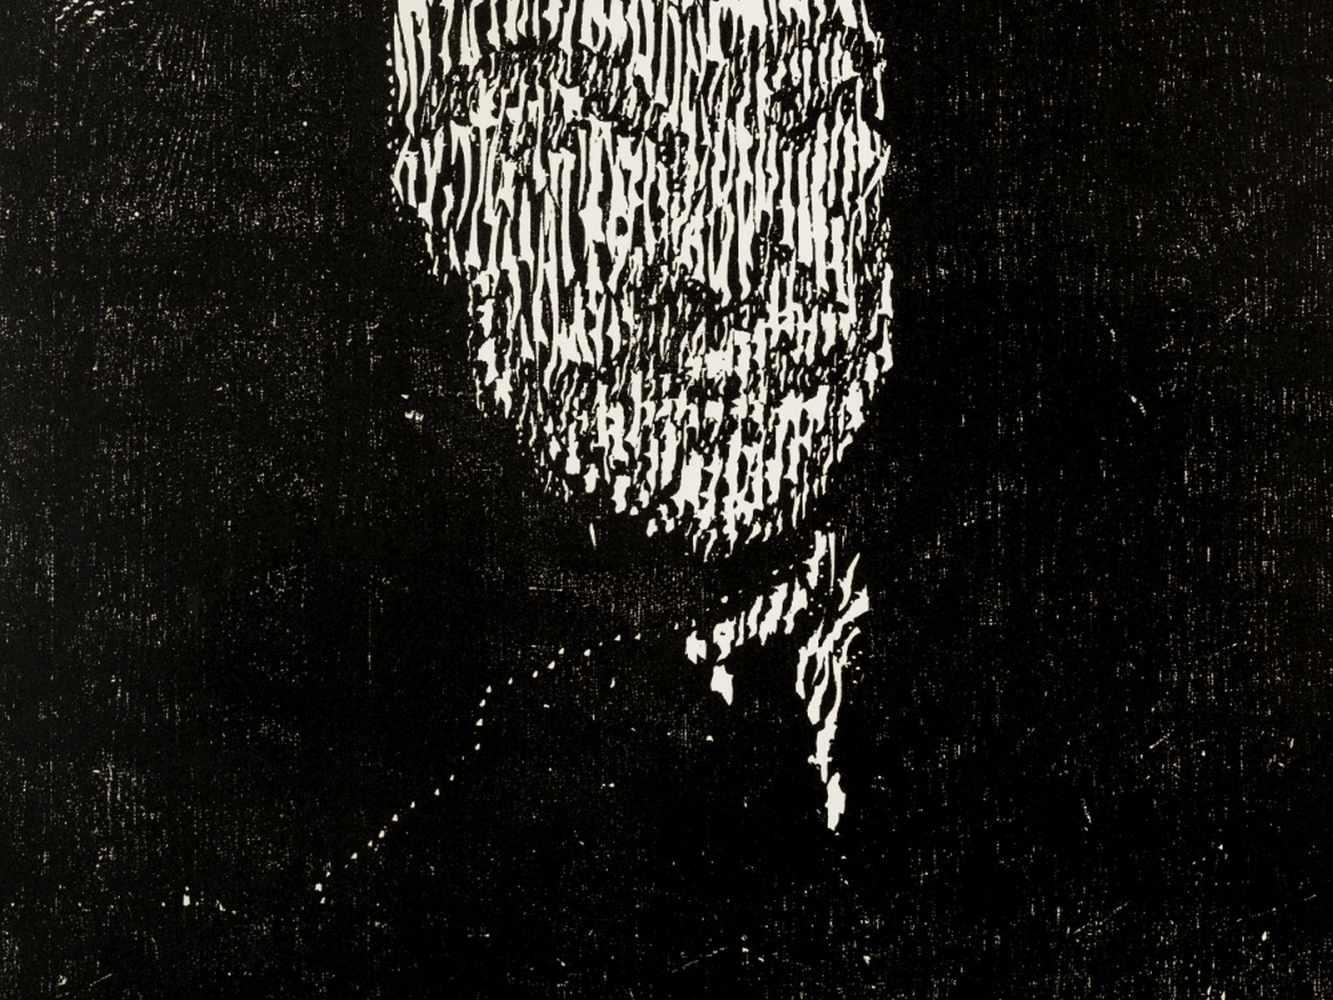 Matthias Mansen (b. 1958), G.W. Leibniz, Woodcut, 1999 - Image 5 of 9